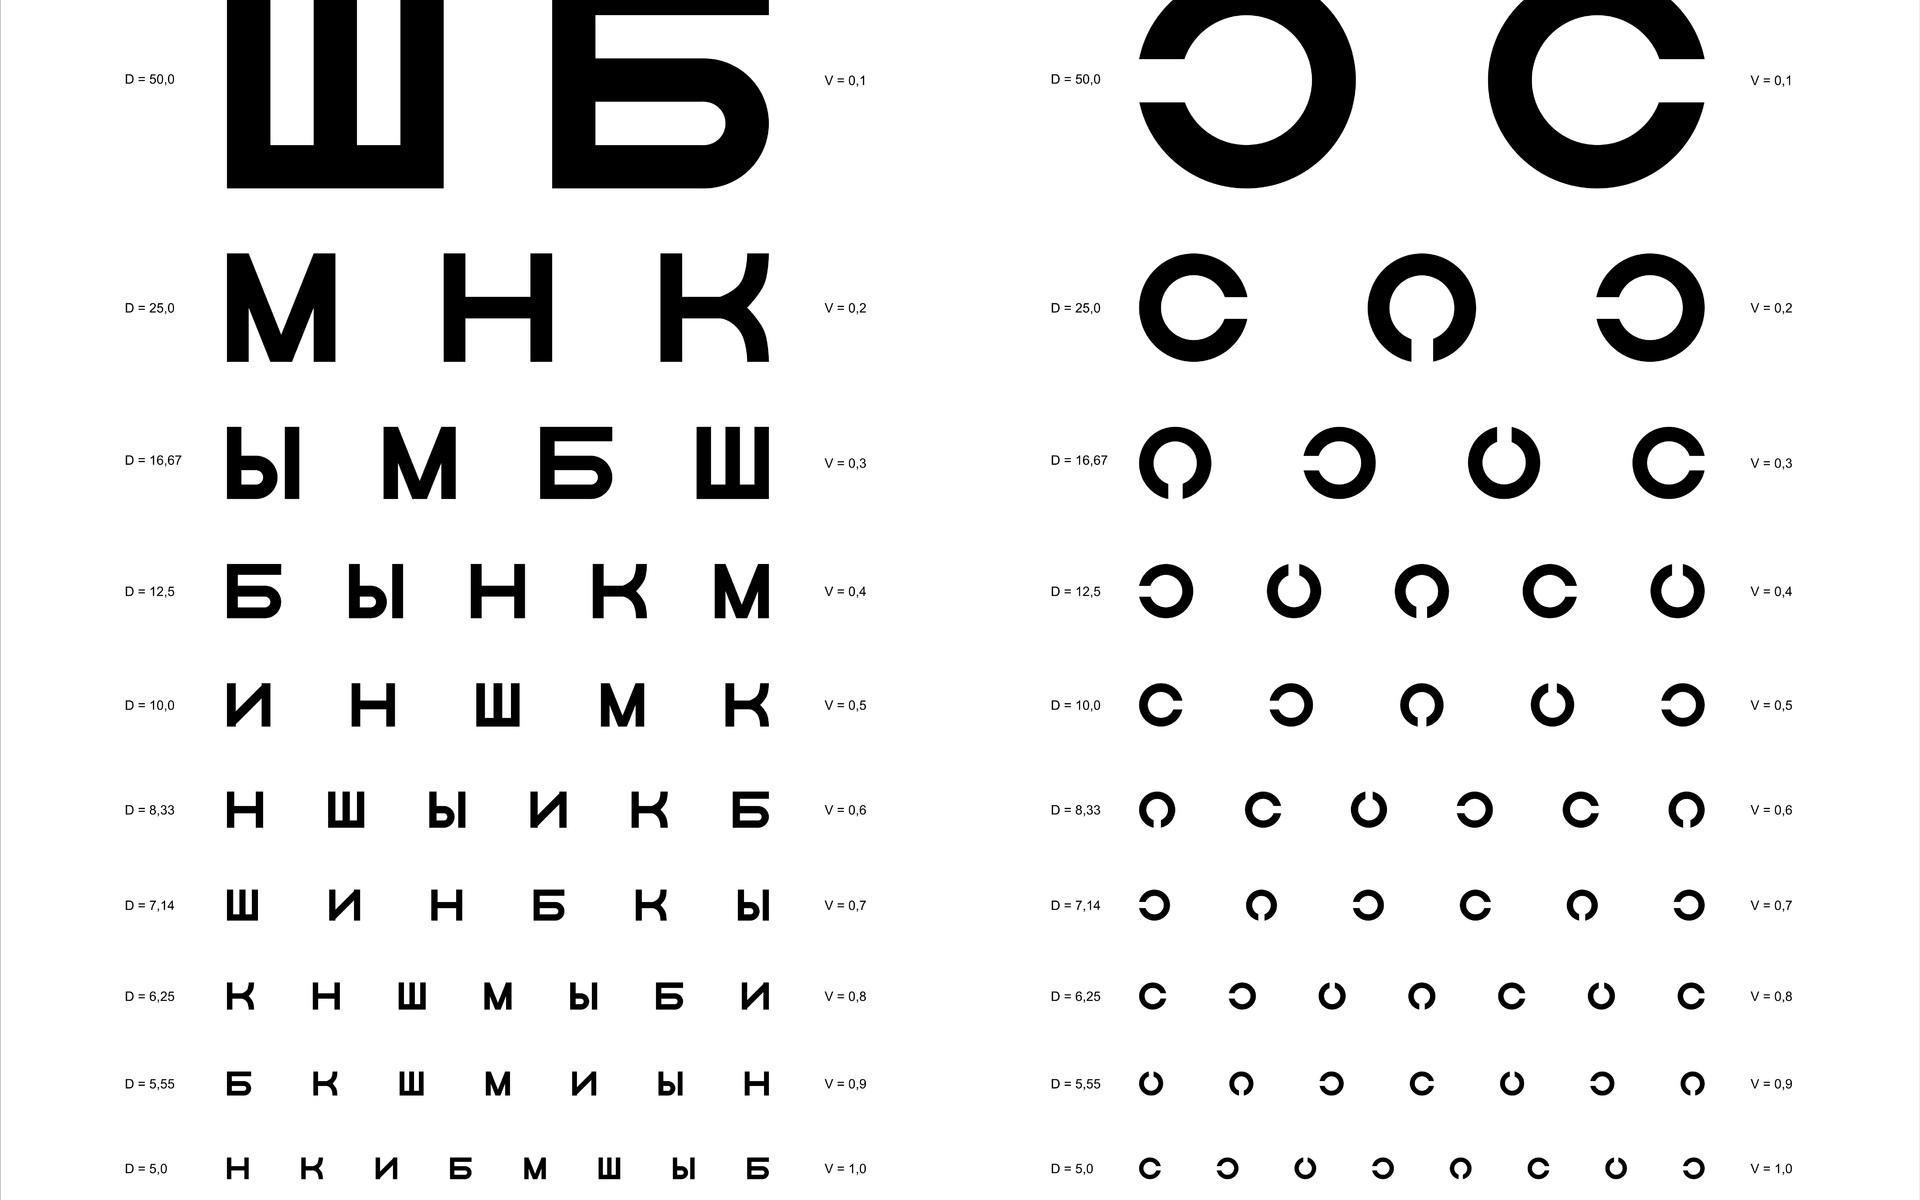 Az optometrista látótáblája normális. Tesztelje látását anélkül, hogy elhagyná otthonát